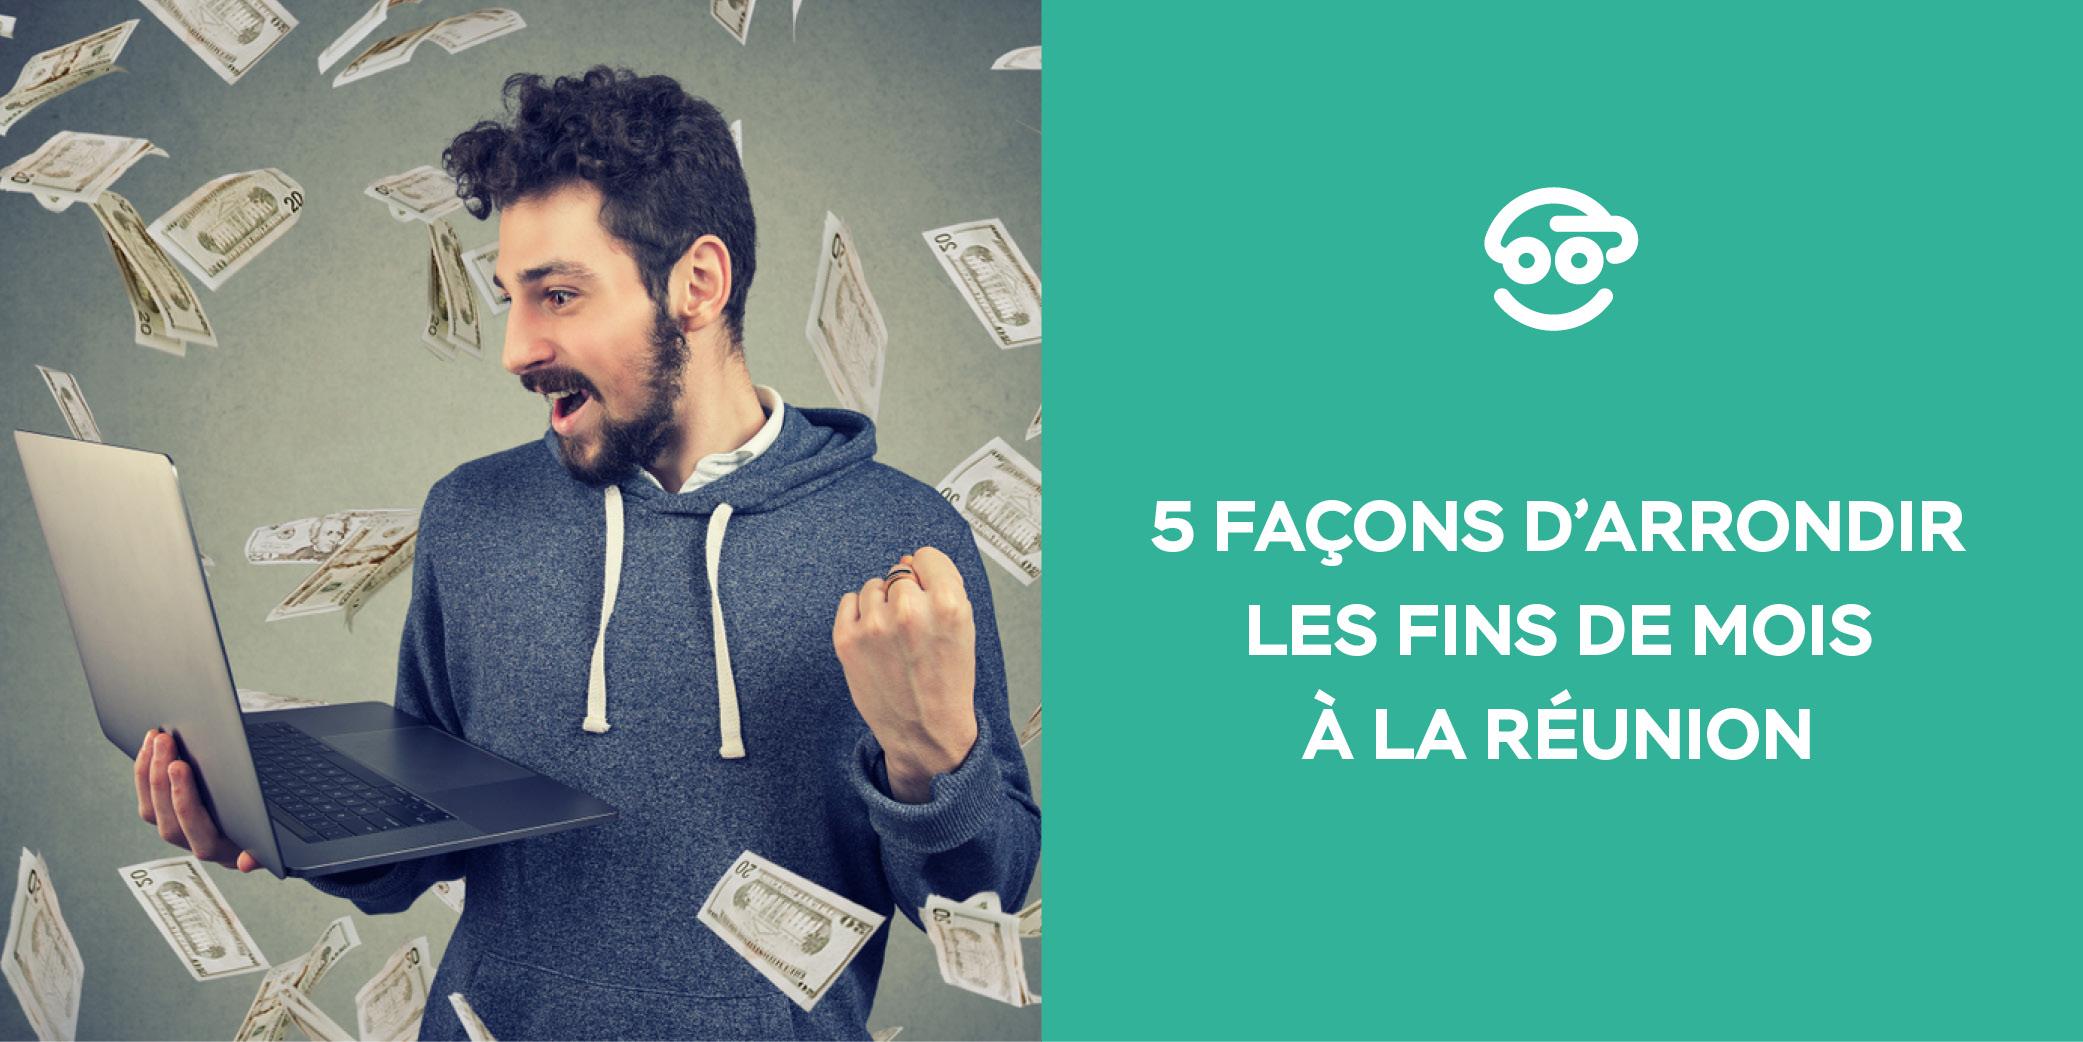 5 FAÇONS D'ARRONDIR SES FINS DE MOIS À LA RÉUNION